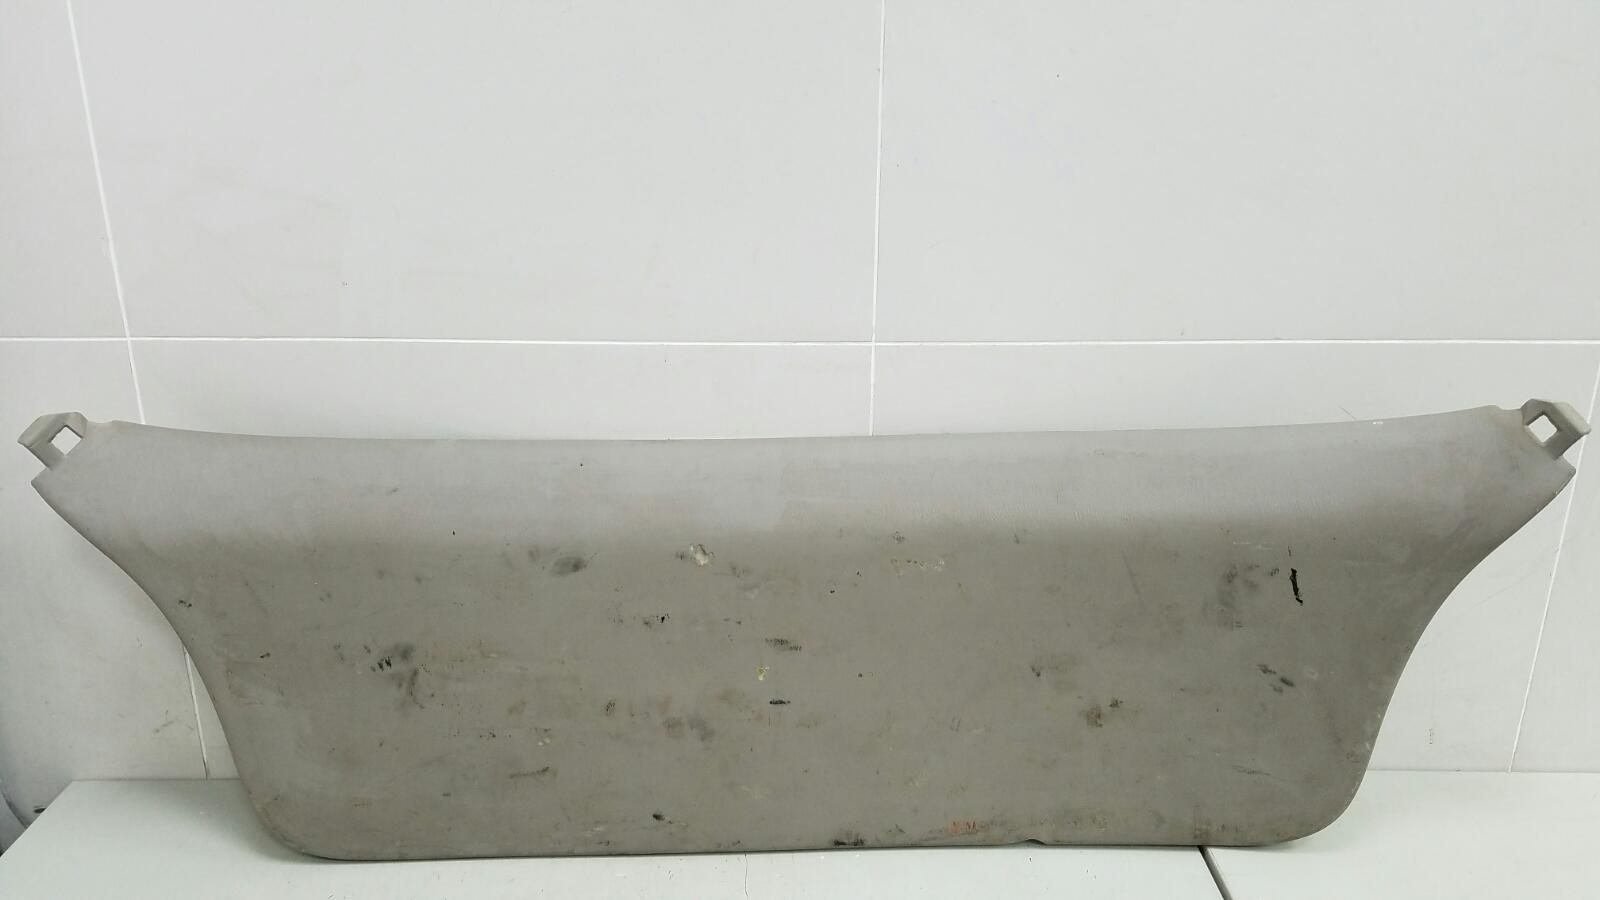 Обшивка крышки багажника Toyota Corolla Spacio AE115 7A-FE 1.8Л 1999